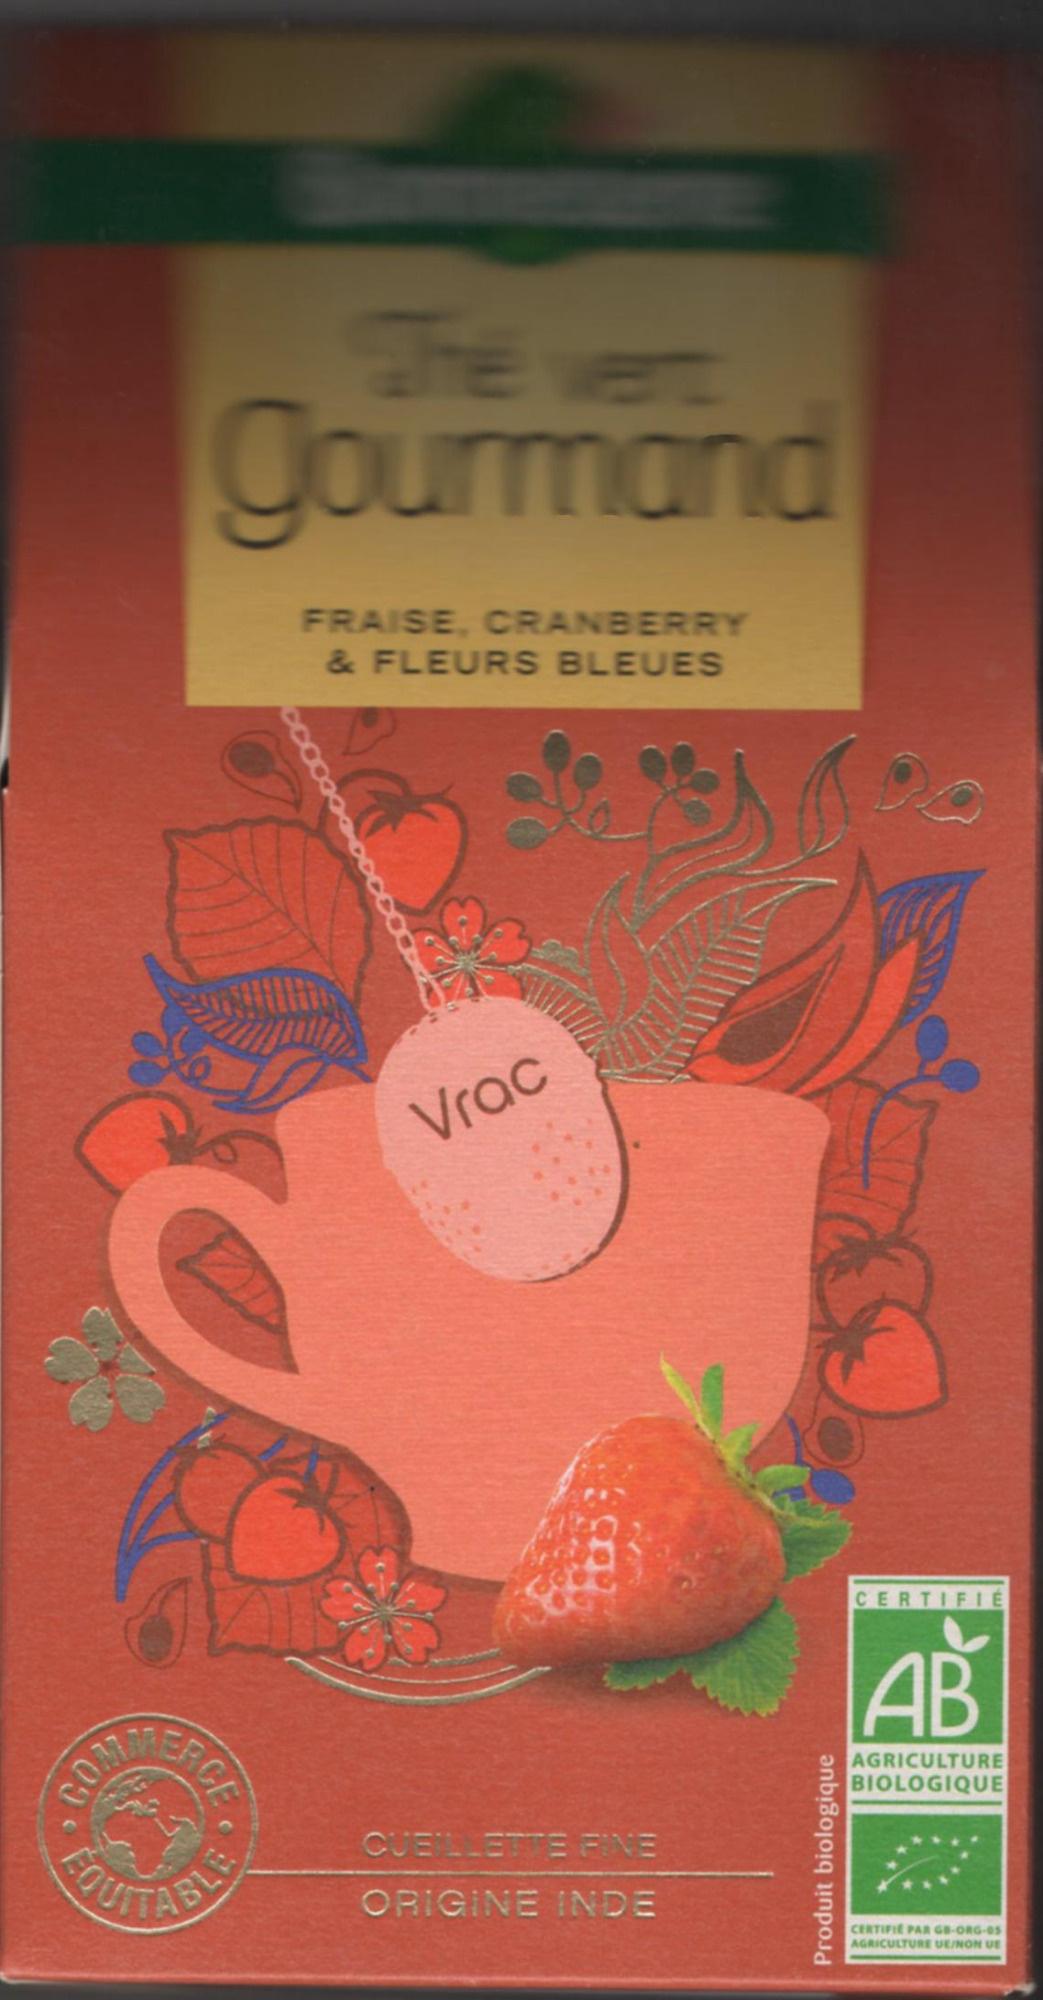 Thé vert gourmand - Produit - fr